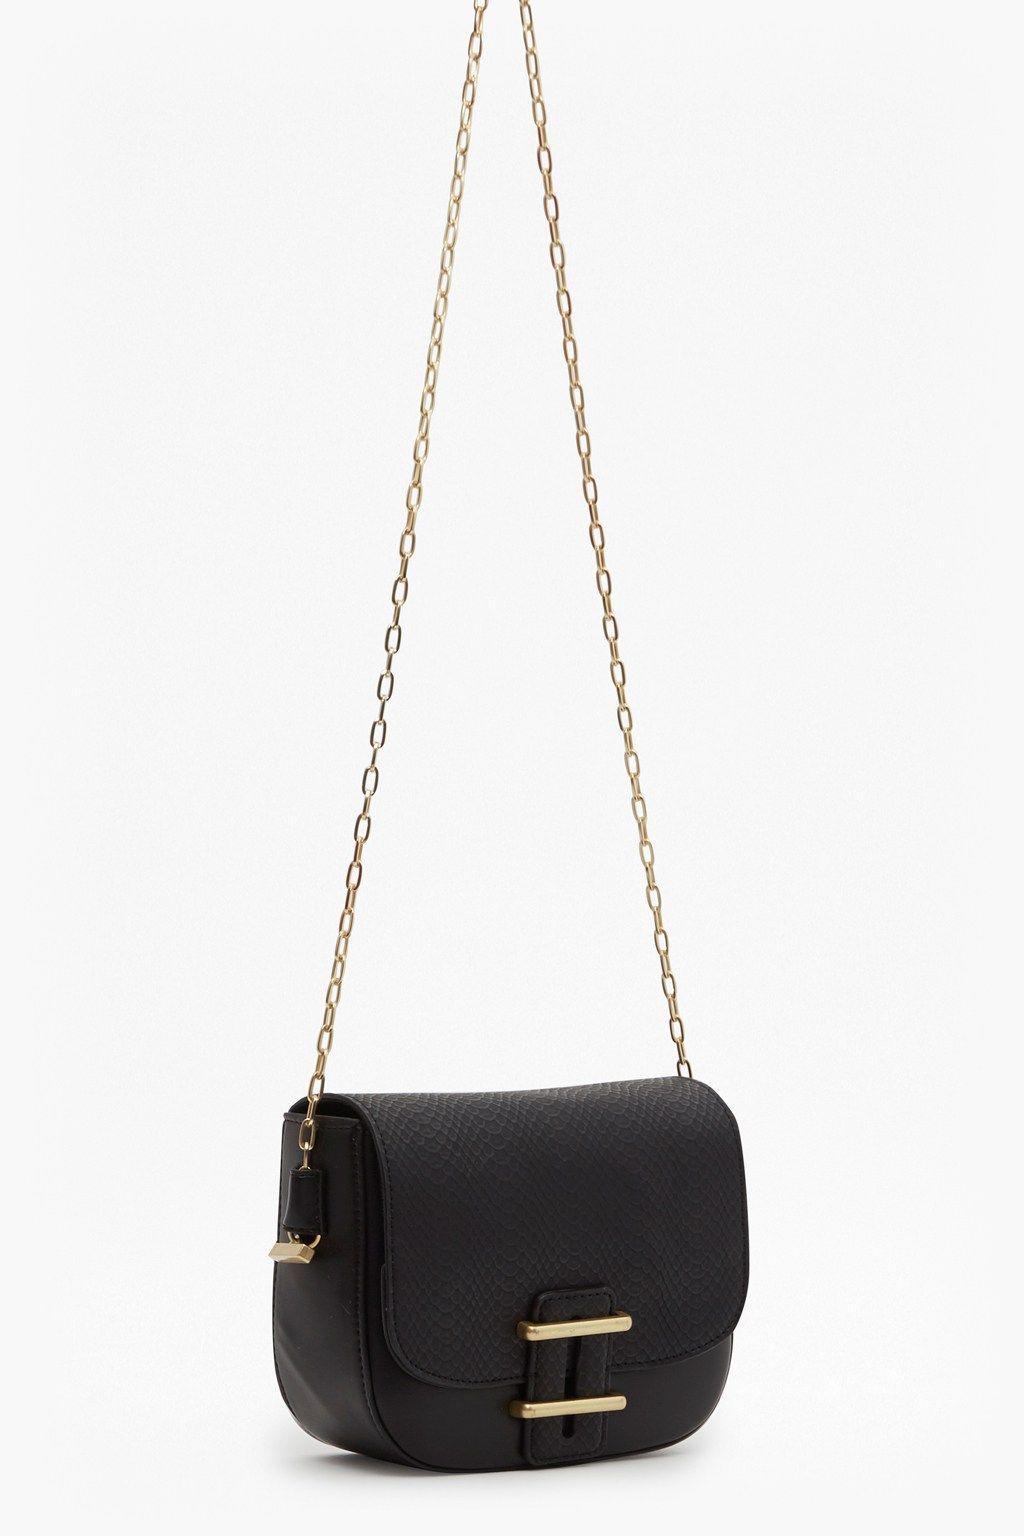 <ul> <li> Faux leather handbag</li> <li> Contrast snake-effect flap</li> <li> Front flap with side lock</li> <li> Chain strap</li> <li> Gold hardware</li> </ul>